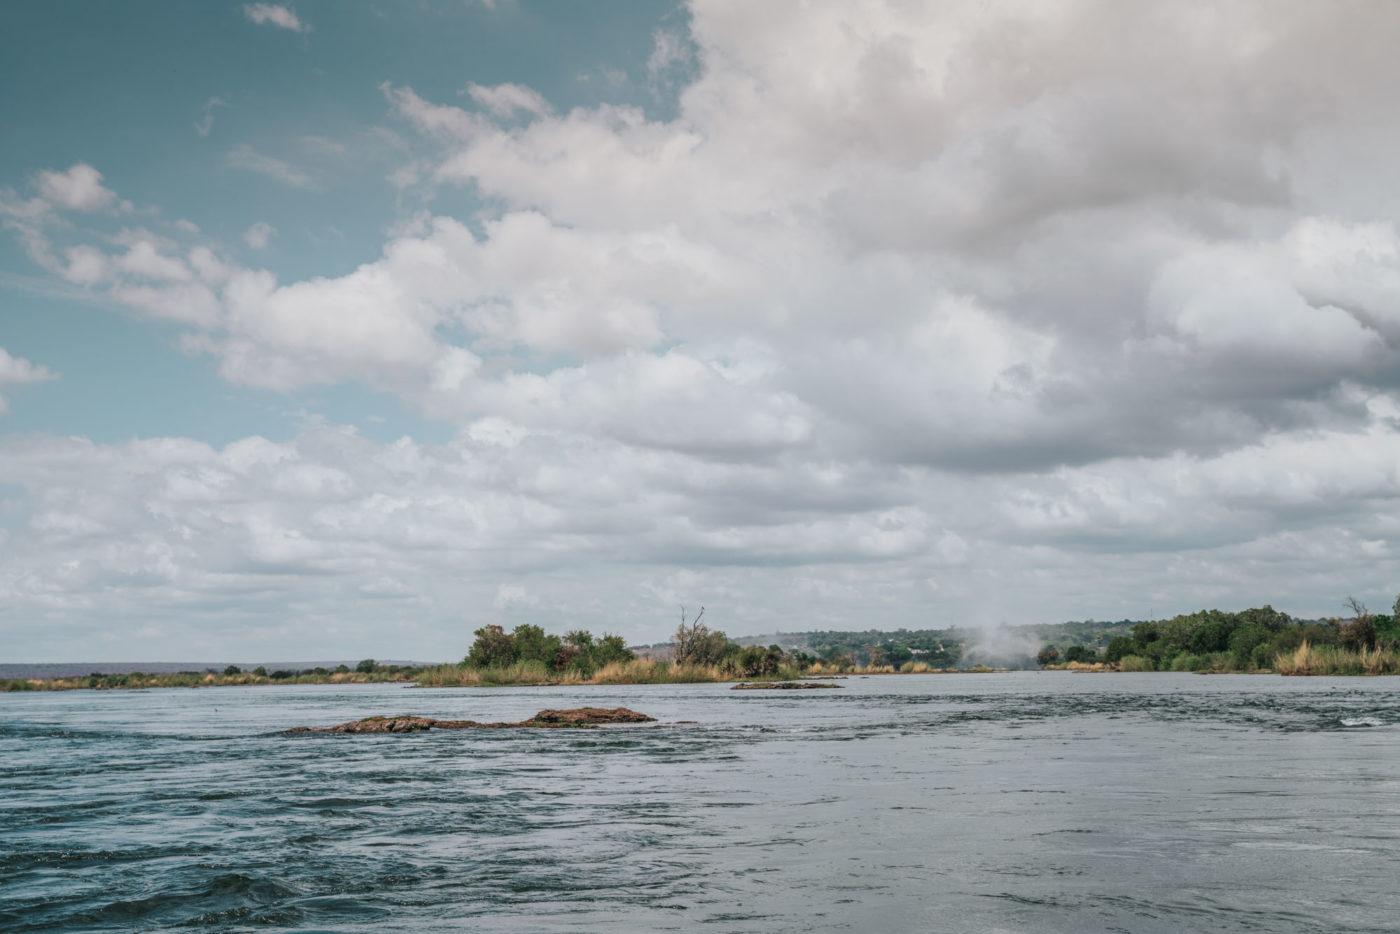 Zambezi River, Livingstone Island, Zambia